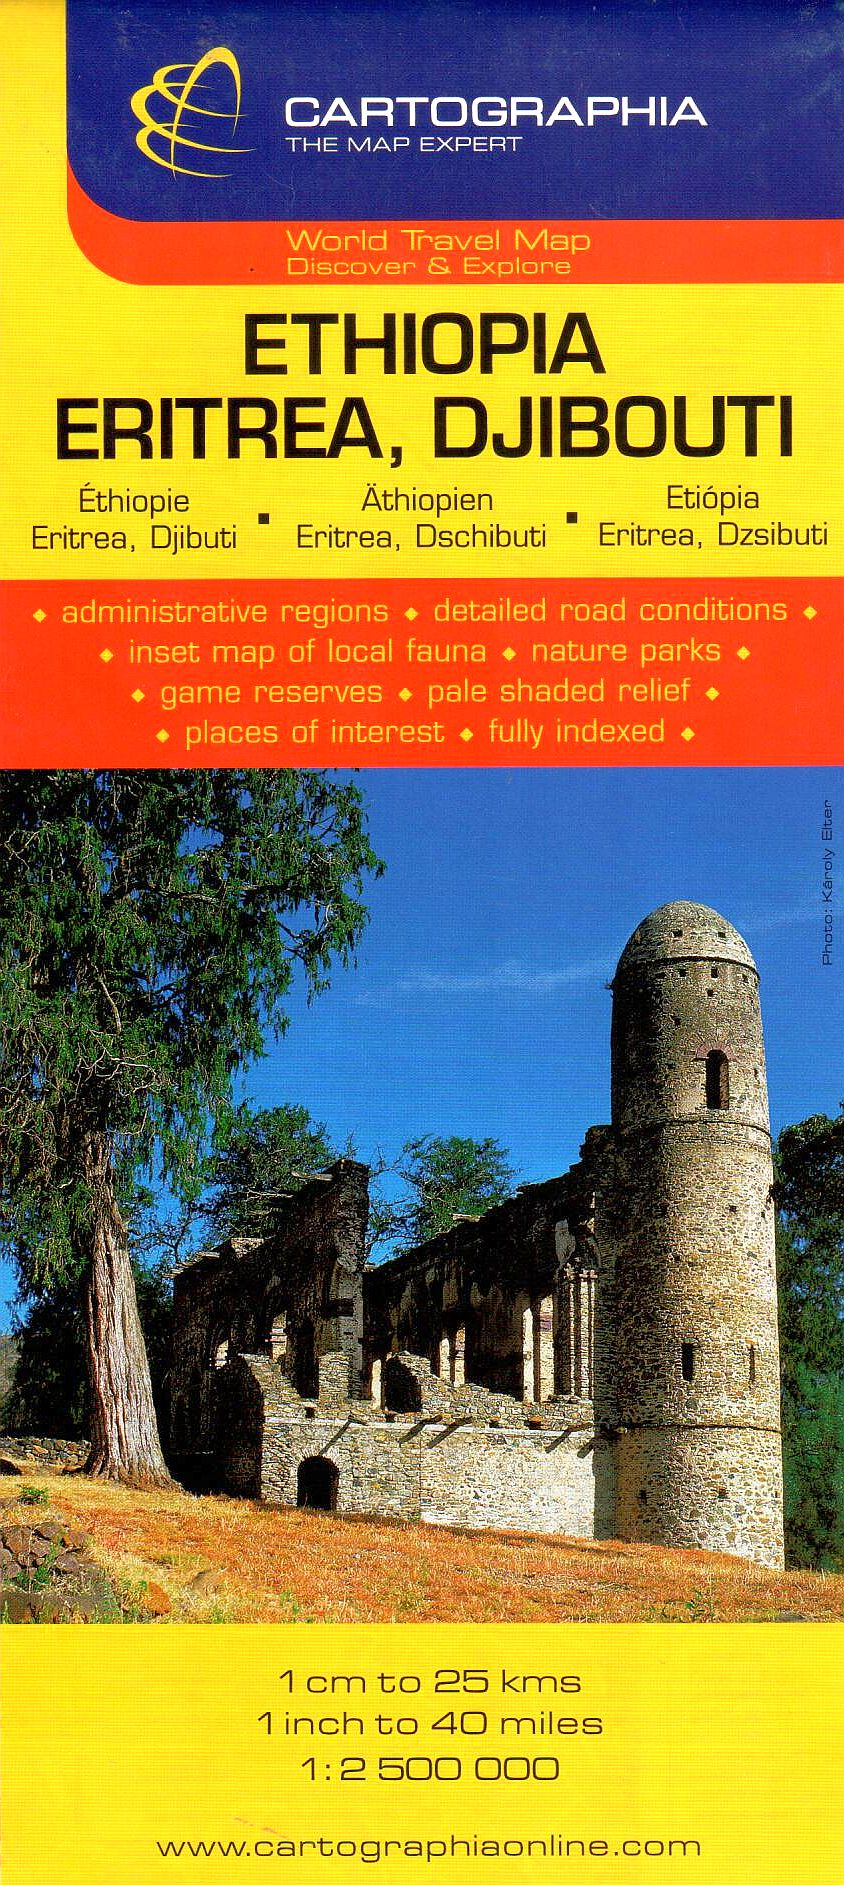 Etiópia, Eritrea, Dzsibuti általános földrajzi térképe autós és turista információkkal, névmutatóval, Addisz Abeba melléktérképpel